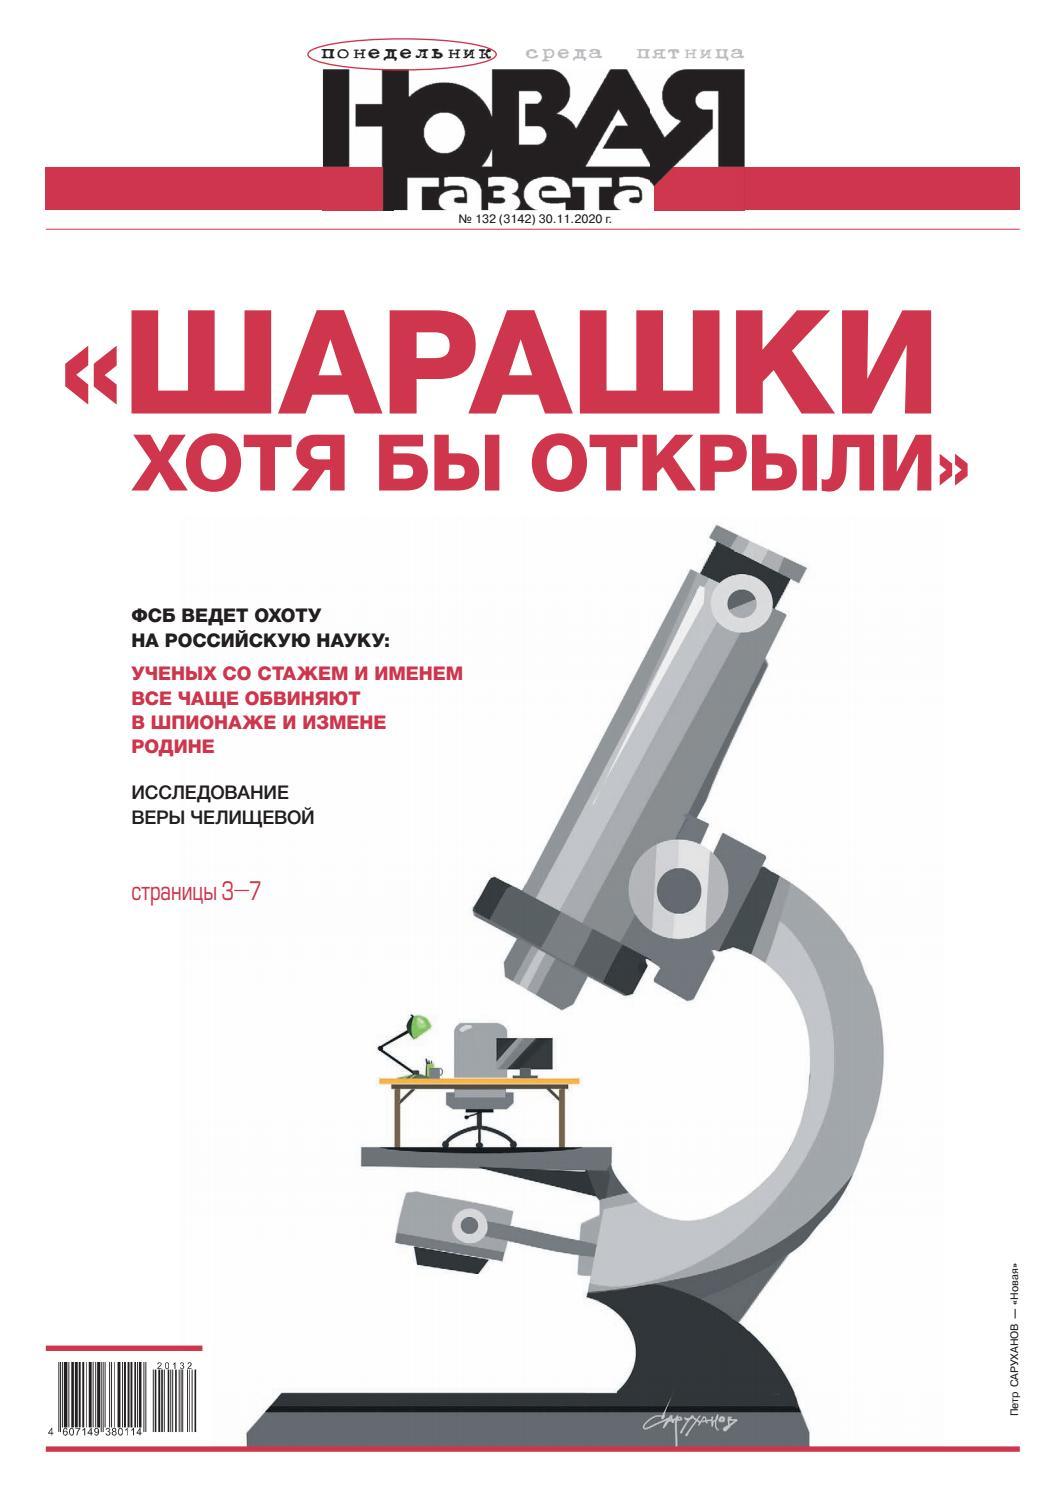 Новая газета №132, ноябрь 2020